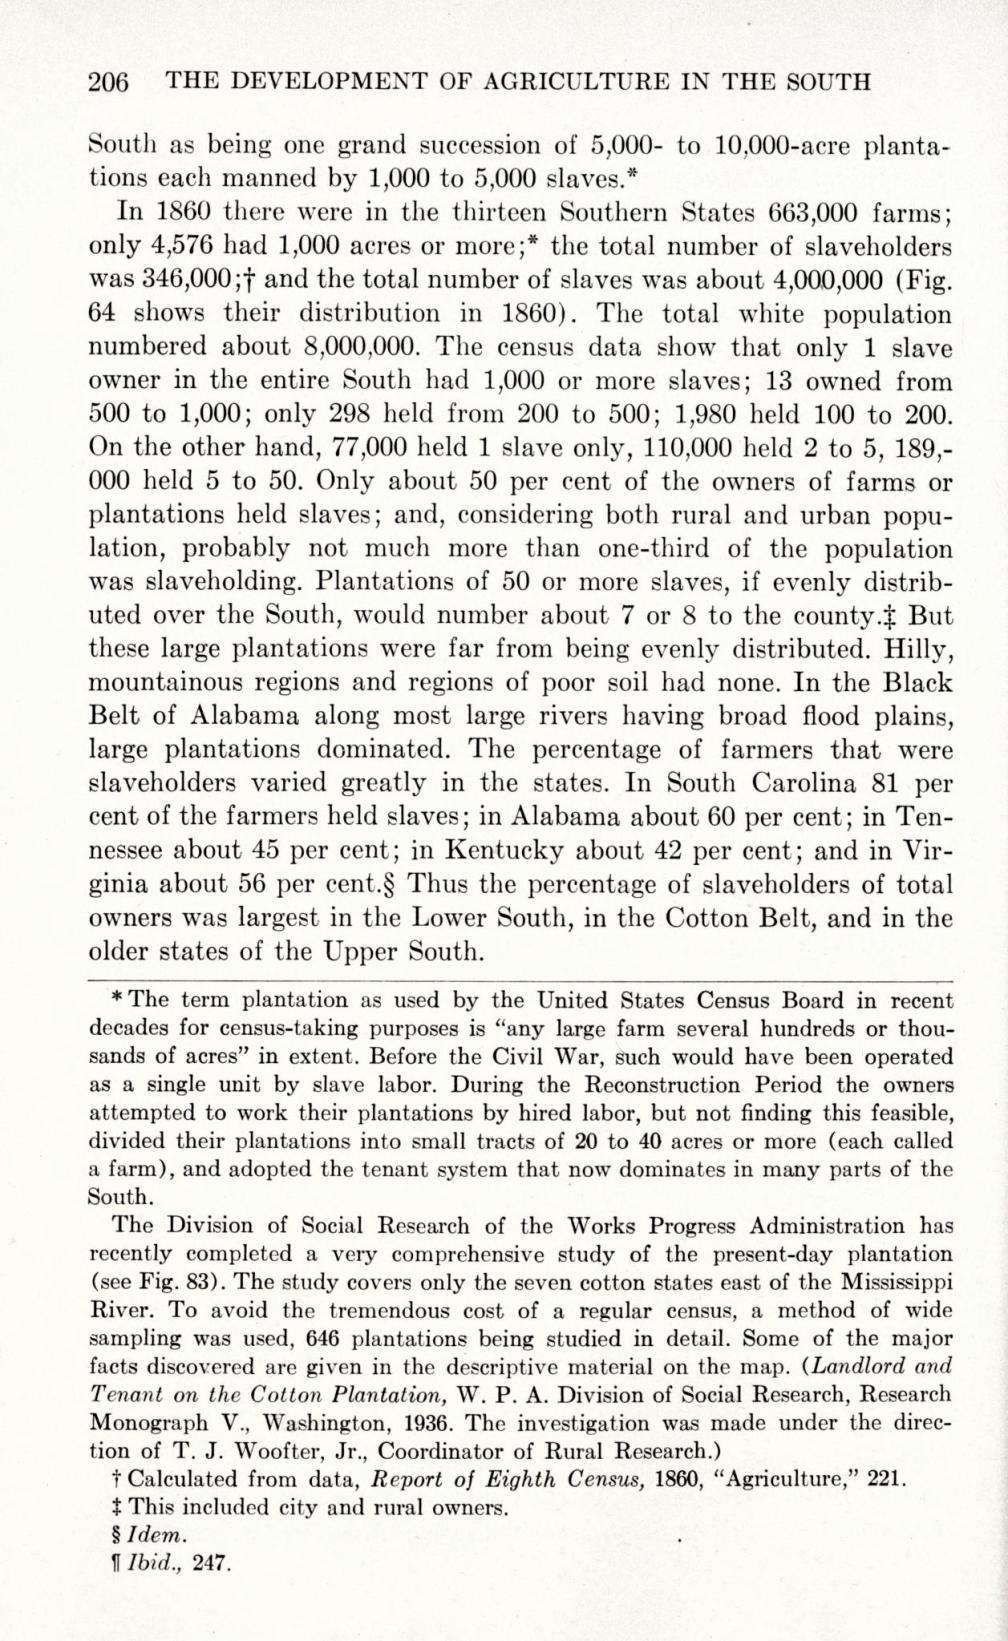 percentage of slaveholders_southitseconomic00parkrich_0222